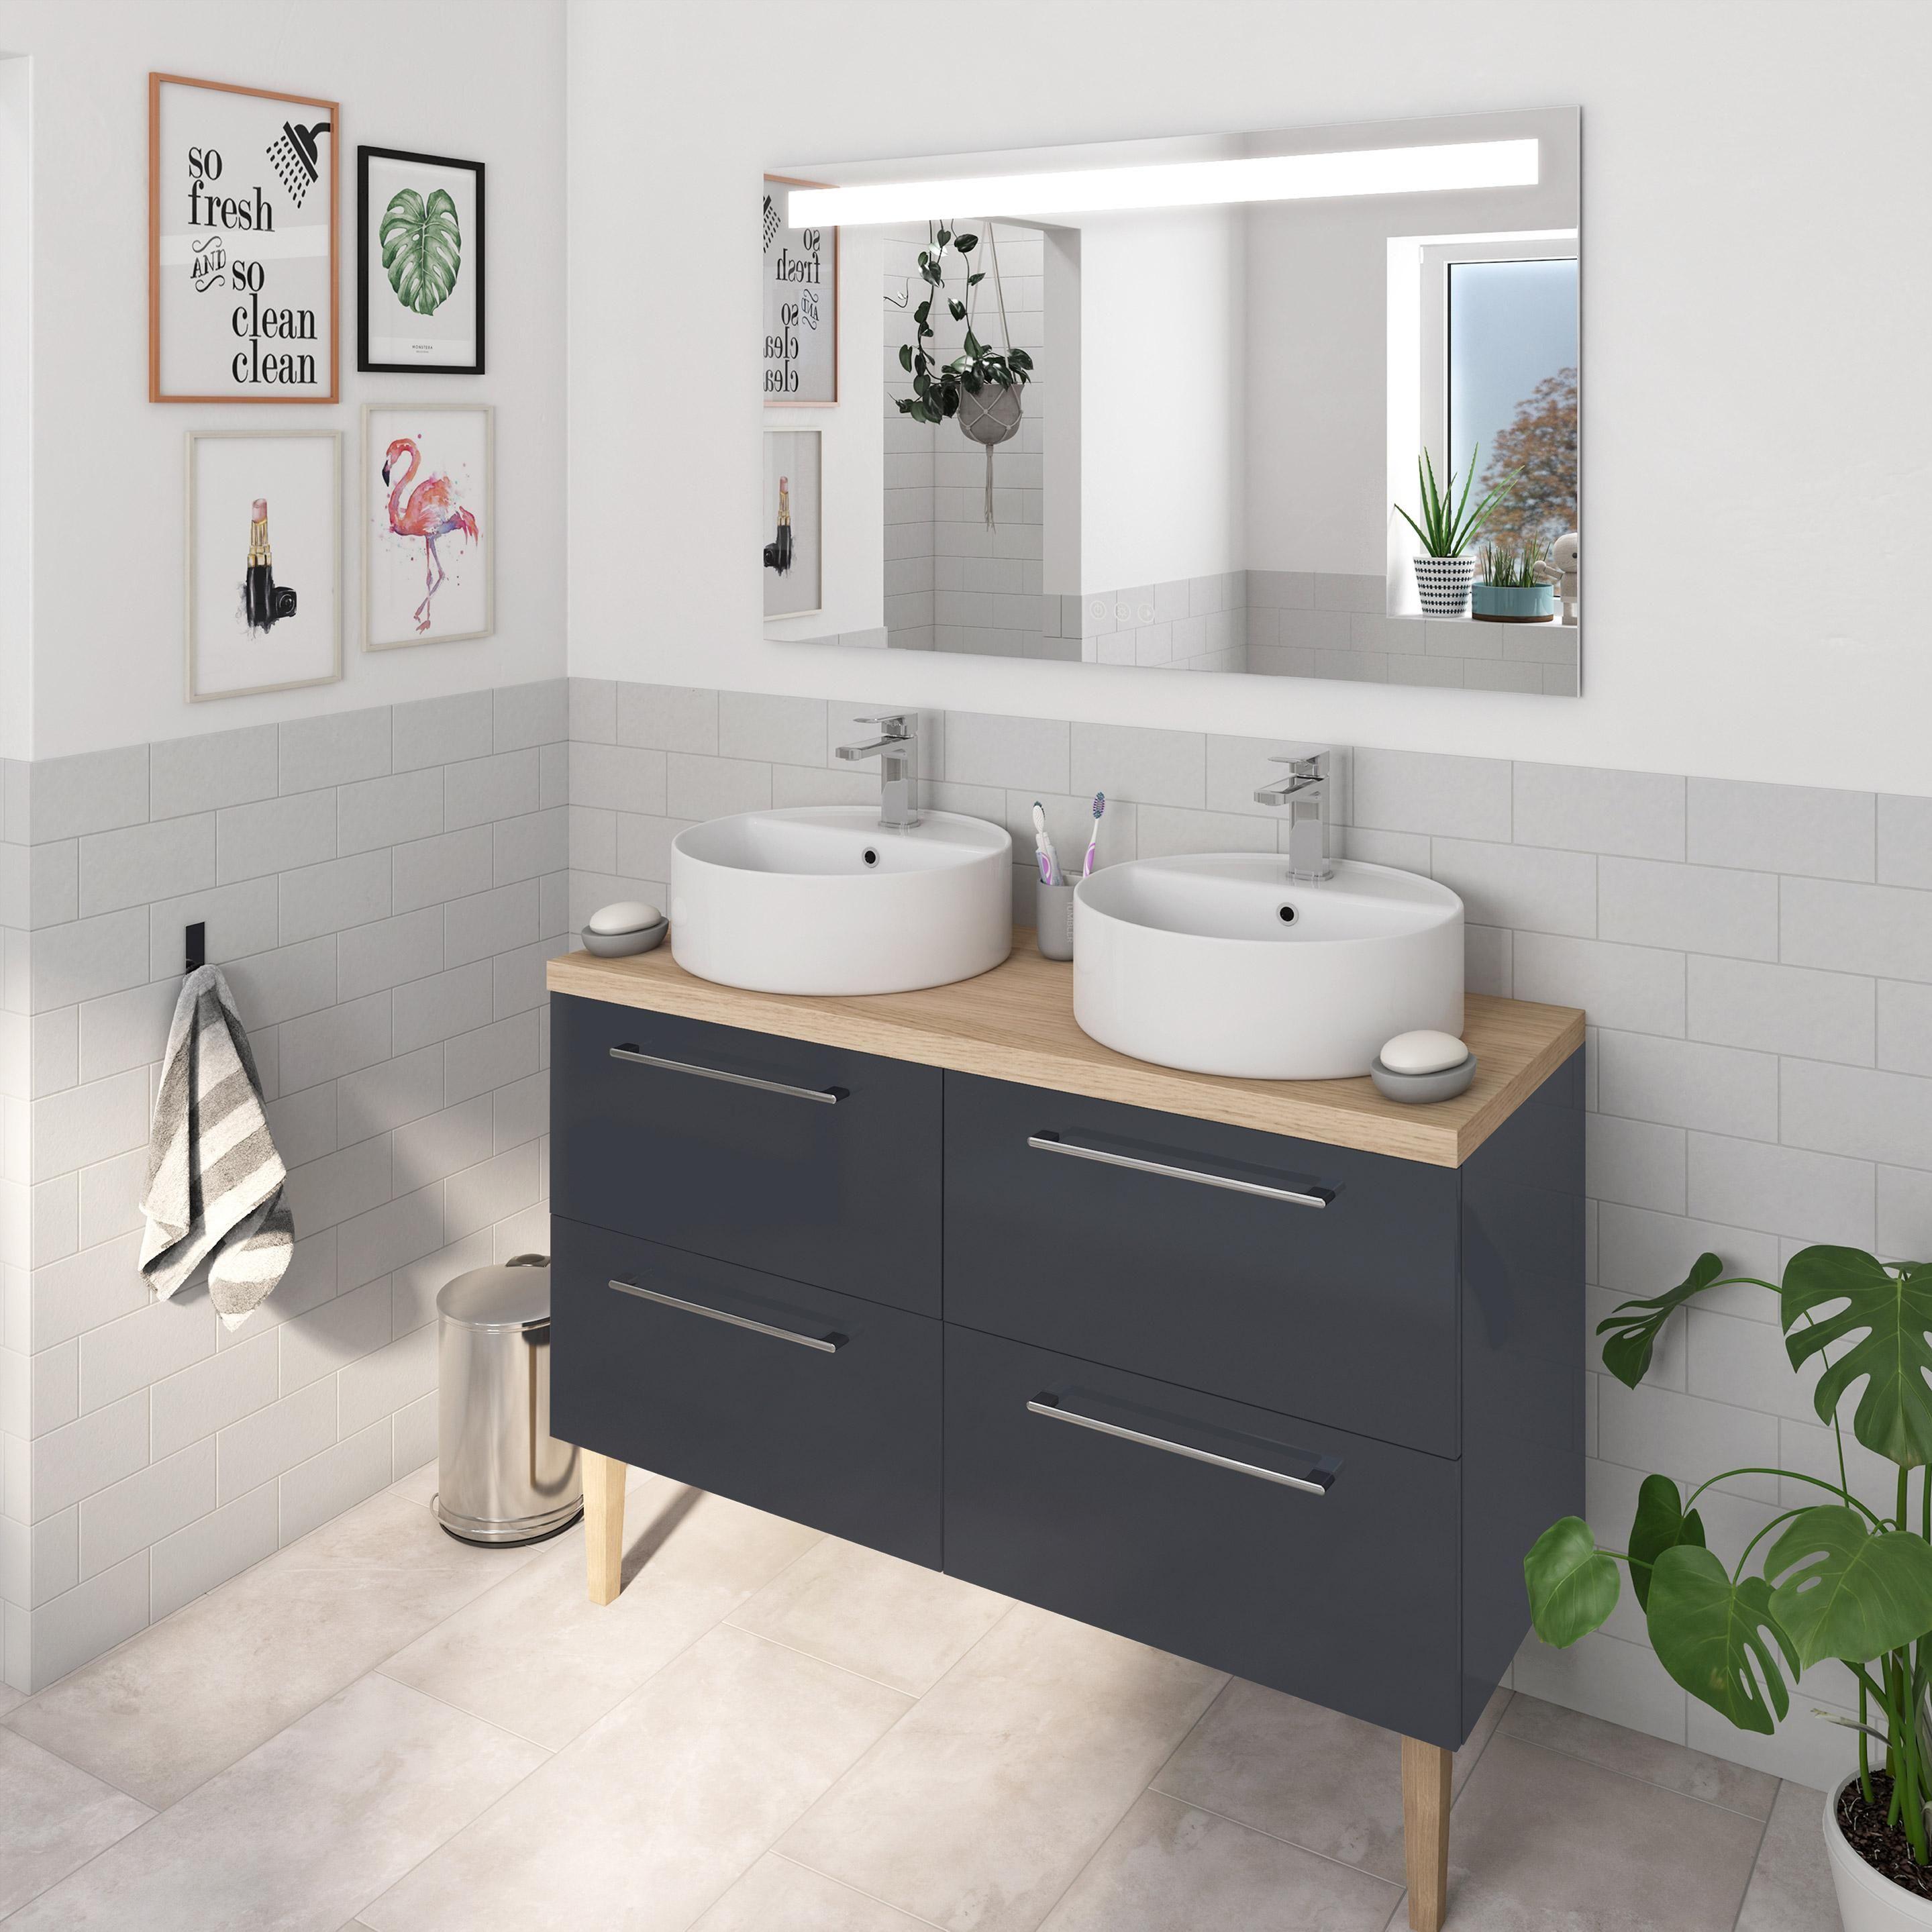 Meuble Double Vasque L 120 X H 58 X P 48 Cm Gris Remix En 2020 Meuble Double Vasque Meuble Sous Vasque Ikea Meuble Vasque Salle De Bain Ikea